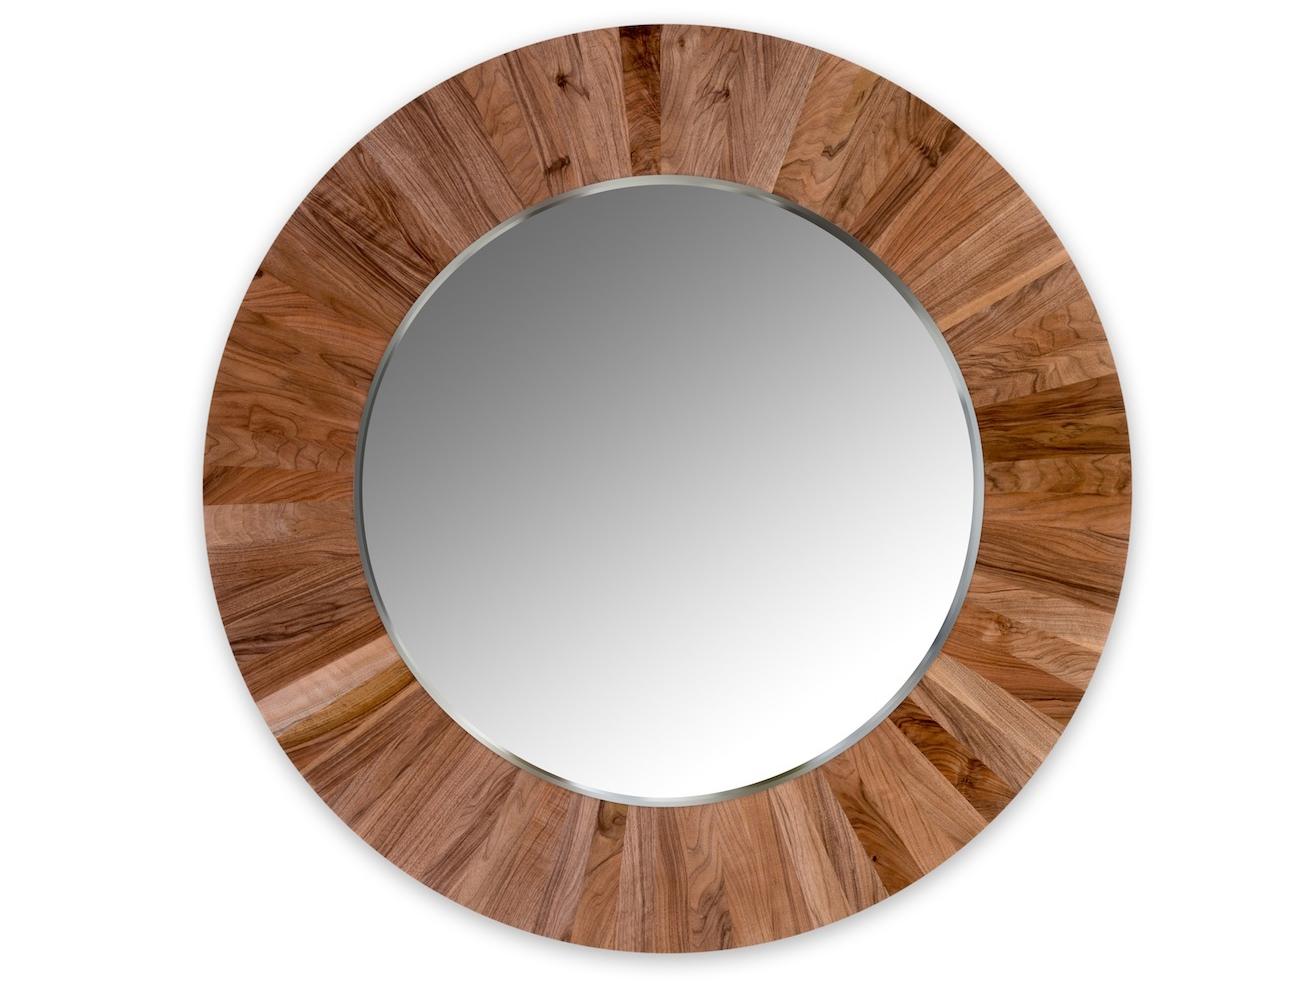 Круглое зеркало LESНастенные зеркала<br>Настенное, круглое зеркало LES не только украсит ваш интерьер, но и привнесёт в него частичку природы. Каждая оправа изготовлена вручную из 72 сегментов массива ореха. Неповторимый рисунок древесины и расположение сегментов, делает каждое зеркало уникальным и единственным в своём роде. Полотно зеркала имеет толщину 4мм и выполнено с фацетом. Оправа имеет естественный цвет ореха и обрабатывается натуральным, экологически-чистым маслом, что не вредит вашему здоровью и защищает оправу от внешних воздействий.<br>Сдержанность и лаконичность дизайна легко позволит вписать зеркало LES в любой интерьер.<br><br>Material: Дерево<br>Глубина см: 4